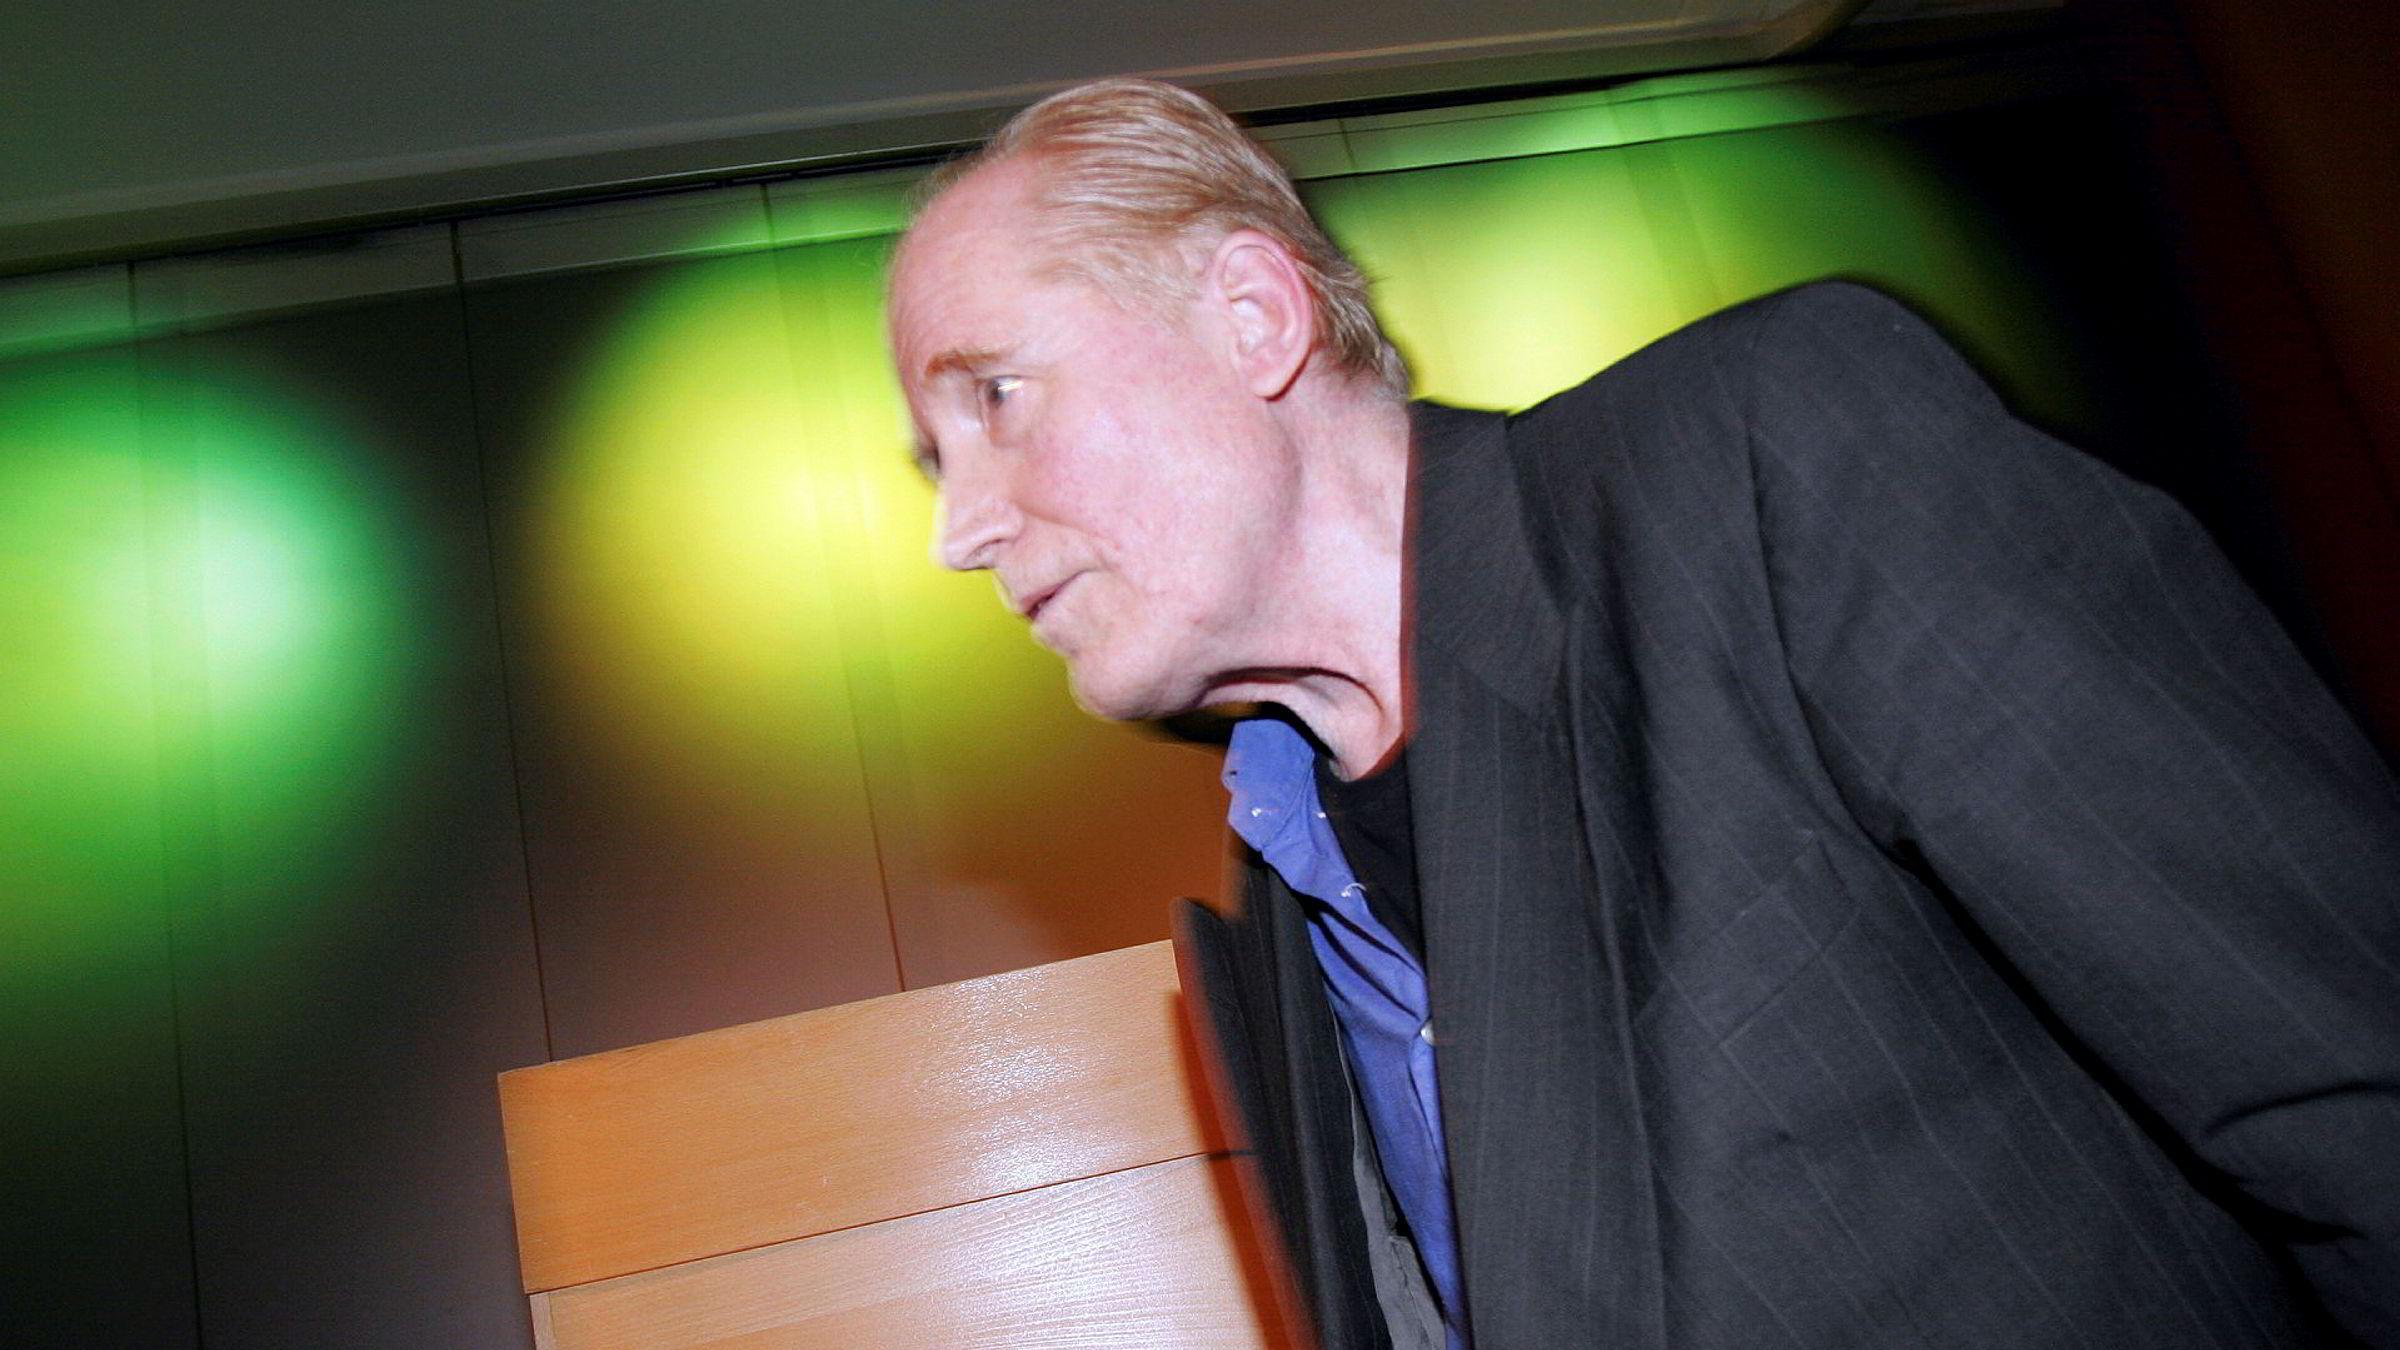 Stein Mehren er død, 82 år gammel. I 2005 mottok han Gyldendalprisen for 2004. Foto: Jarl Fr. Erichsen / Scanpix.